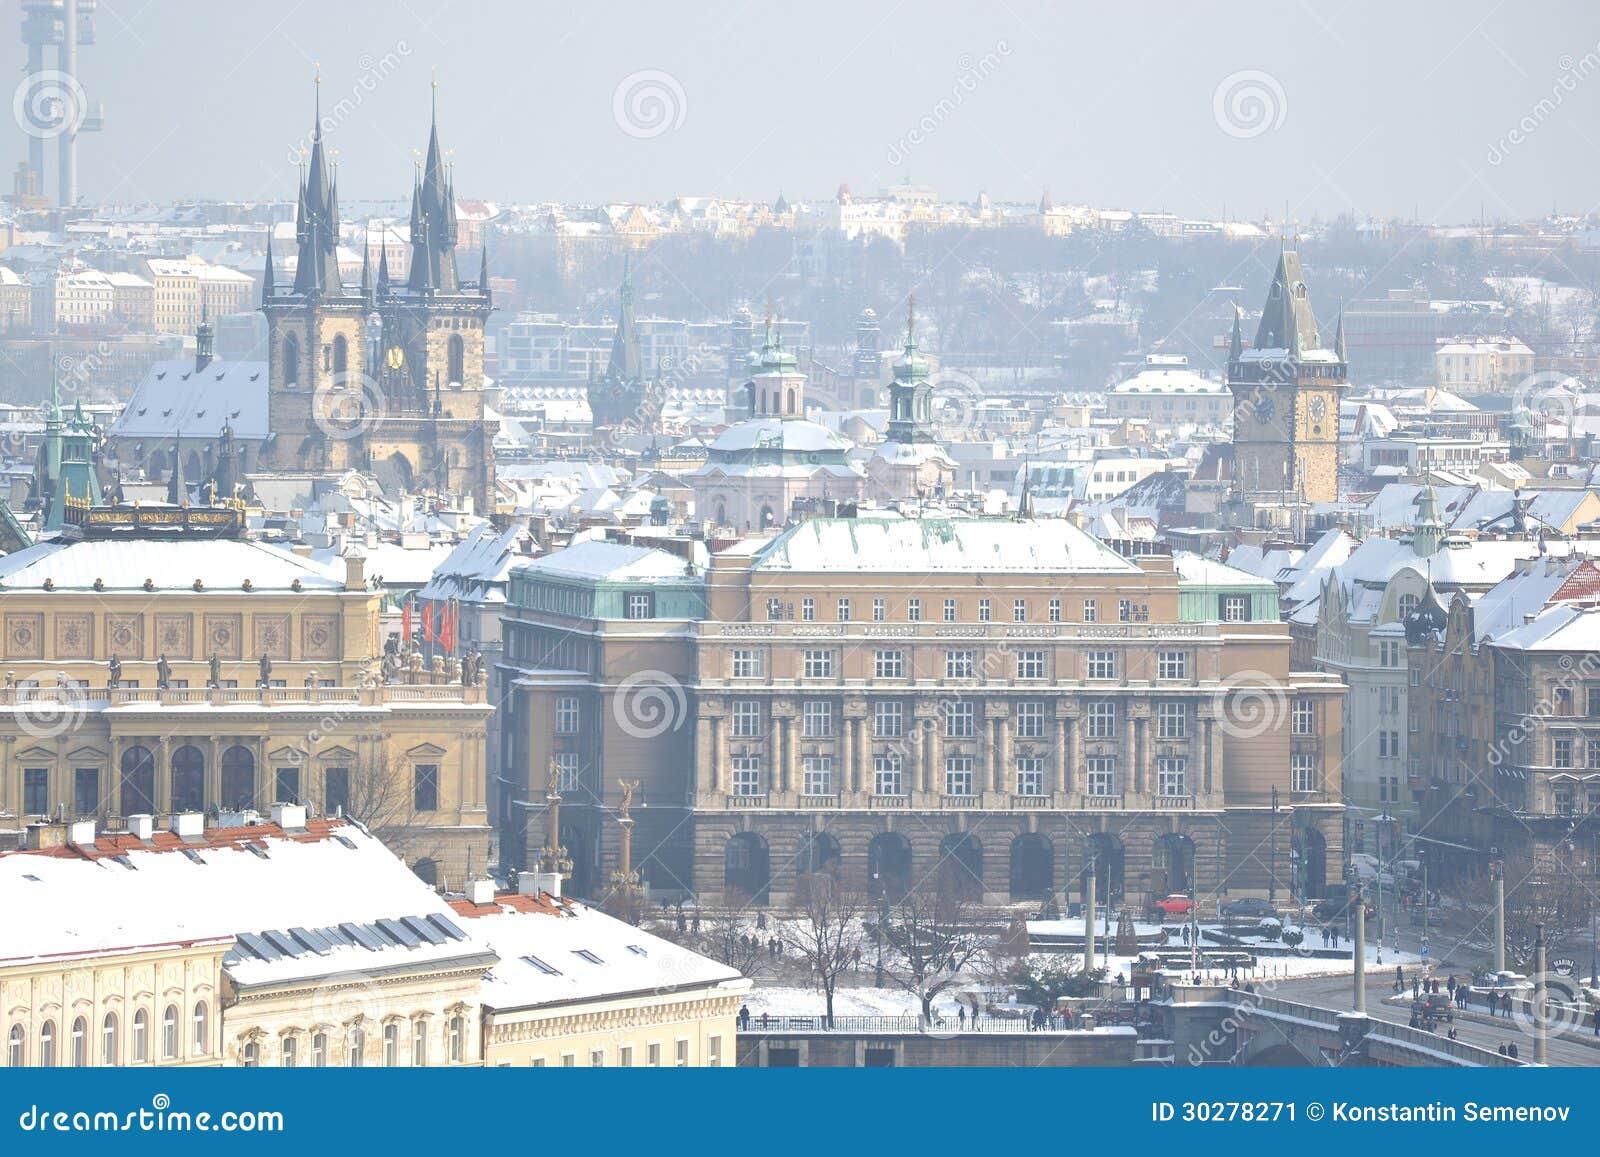 冬天的布拉格